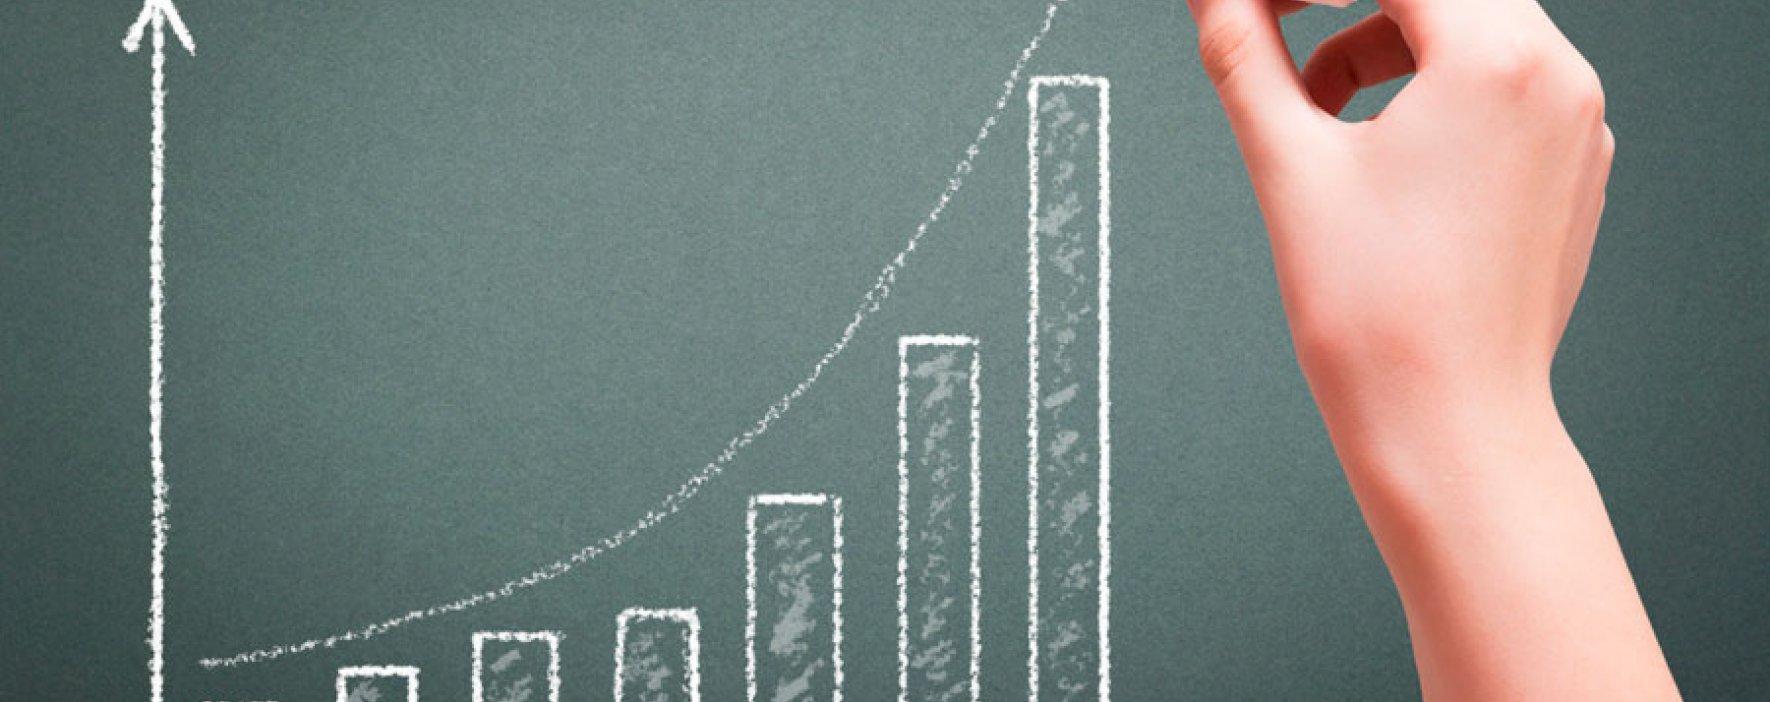 Aumento anual de las matrículas en las universidades